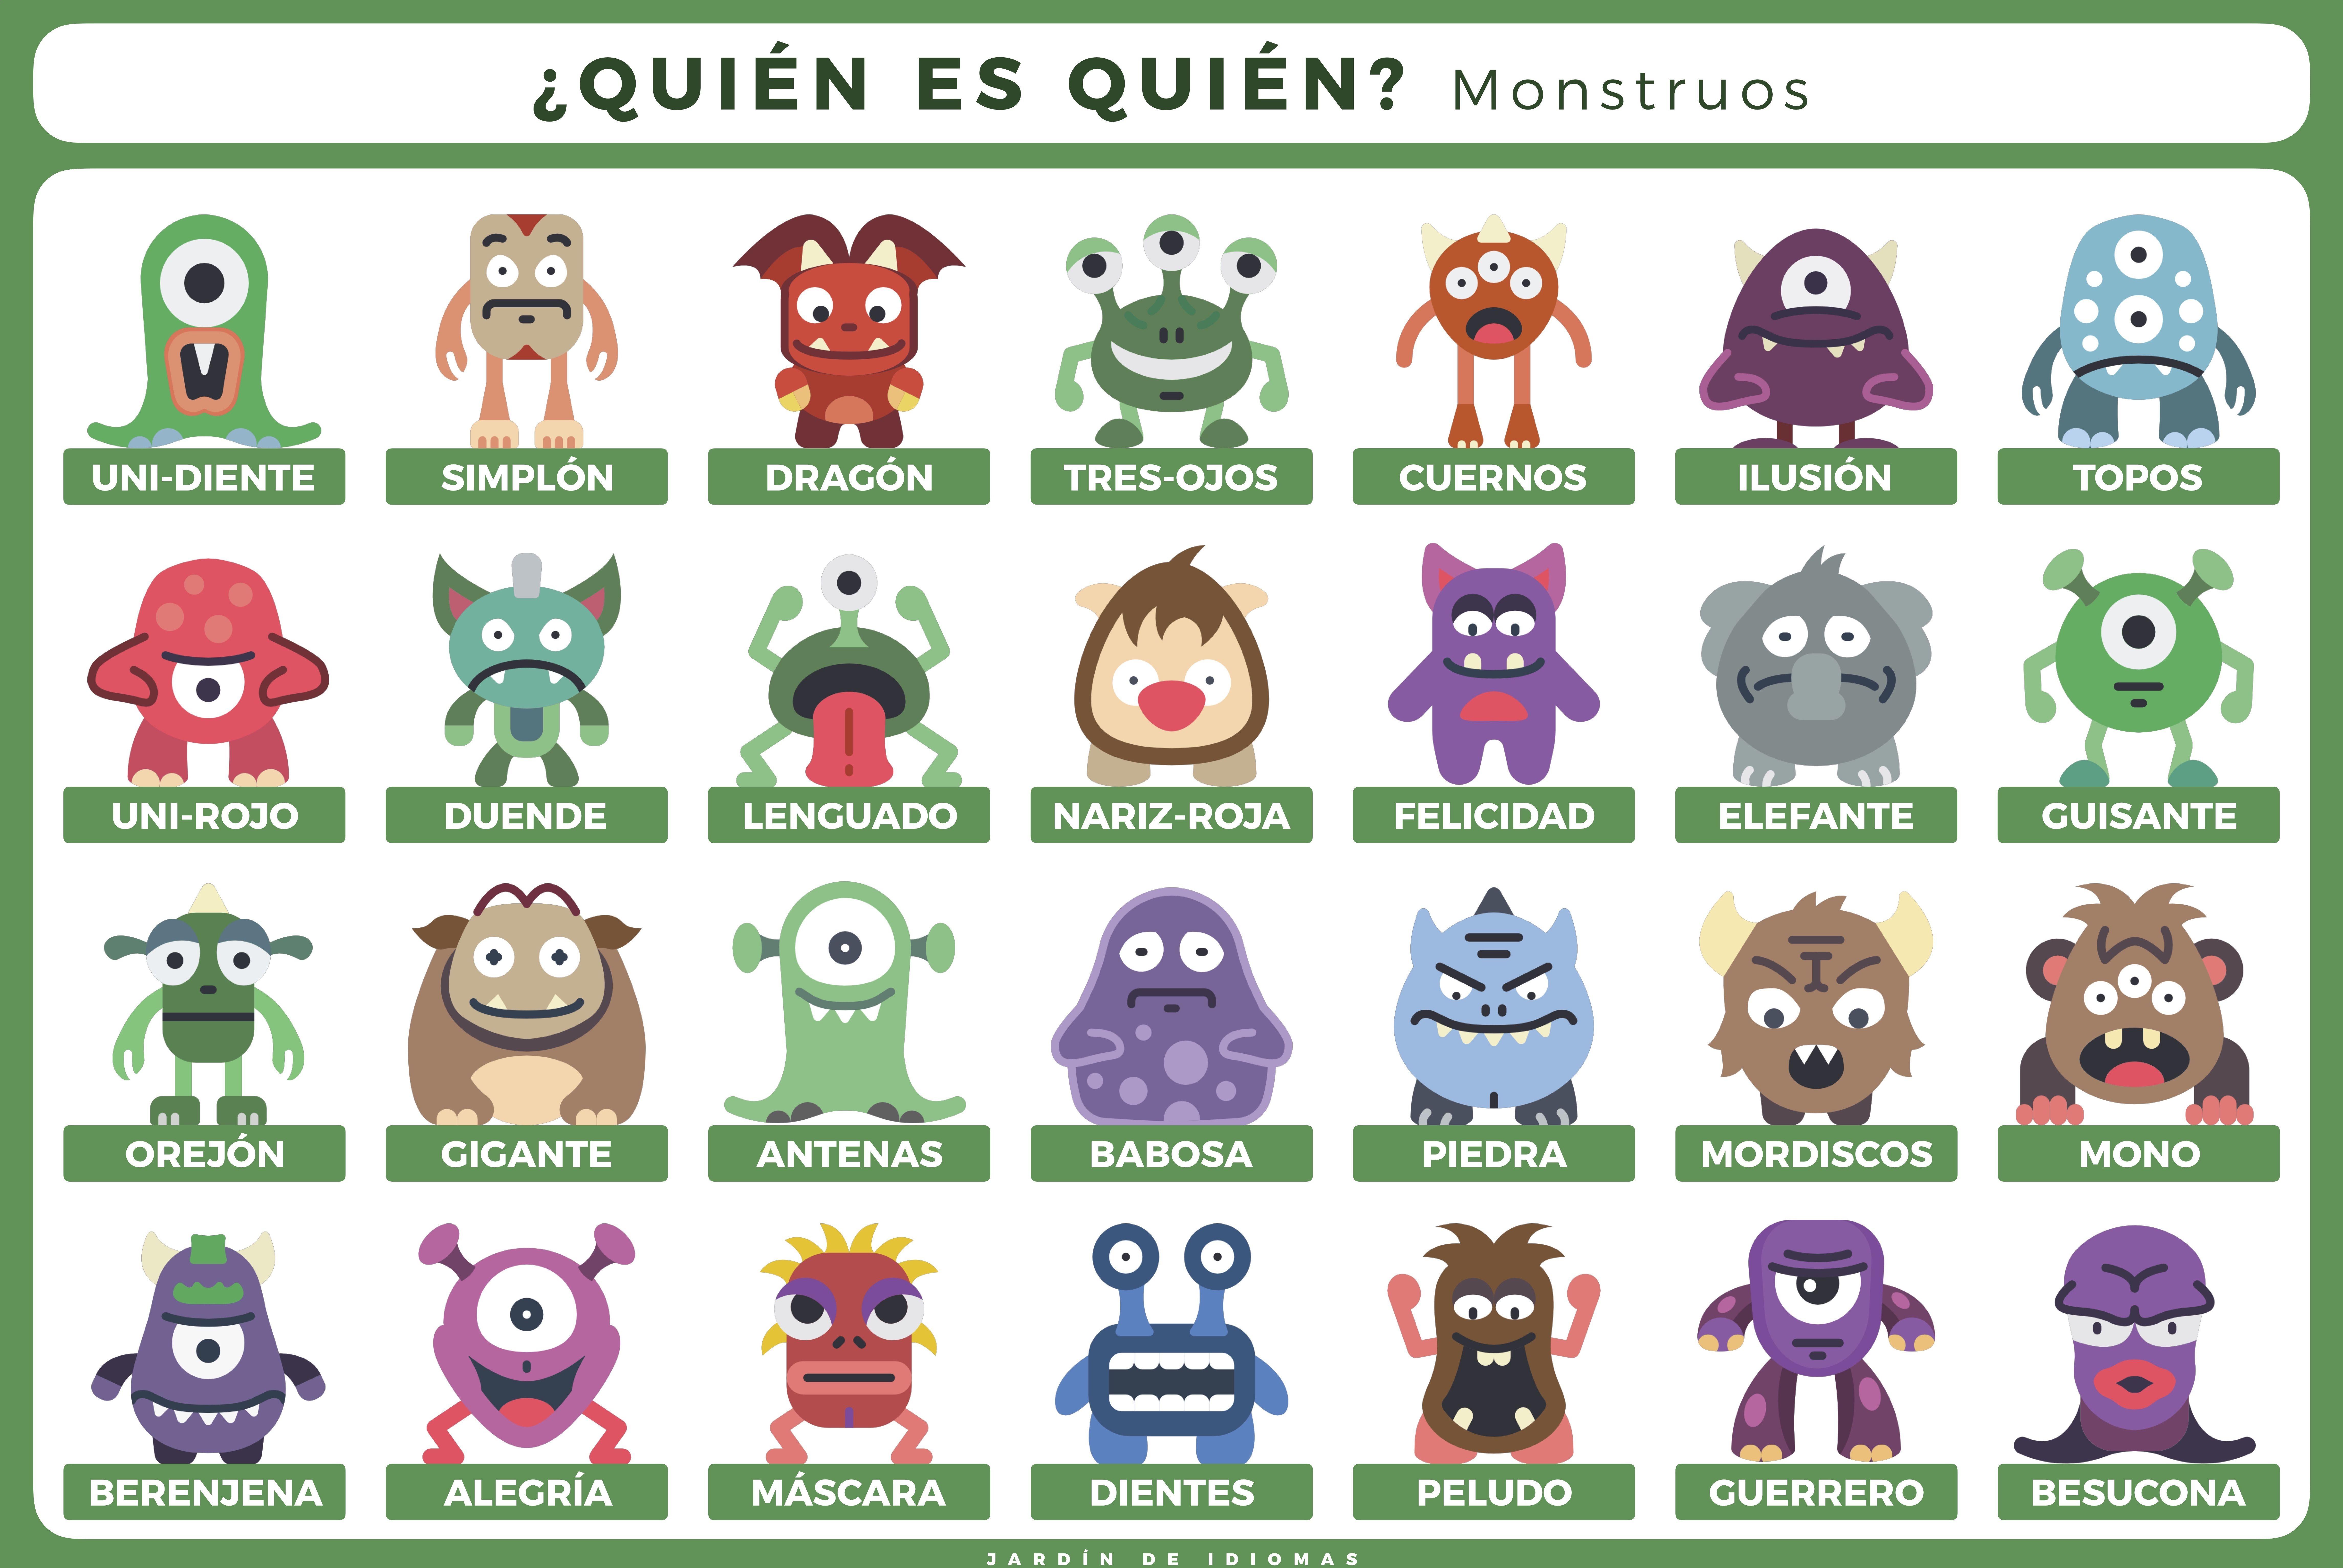 Quién Es Quién Monstruos Ele Juegos De Monstruos Juego Quien Soy Monstruos